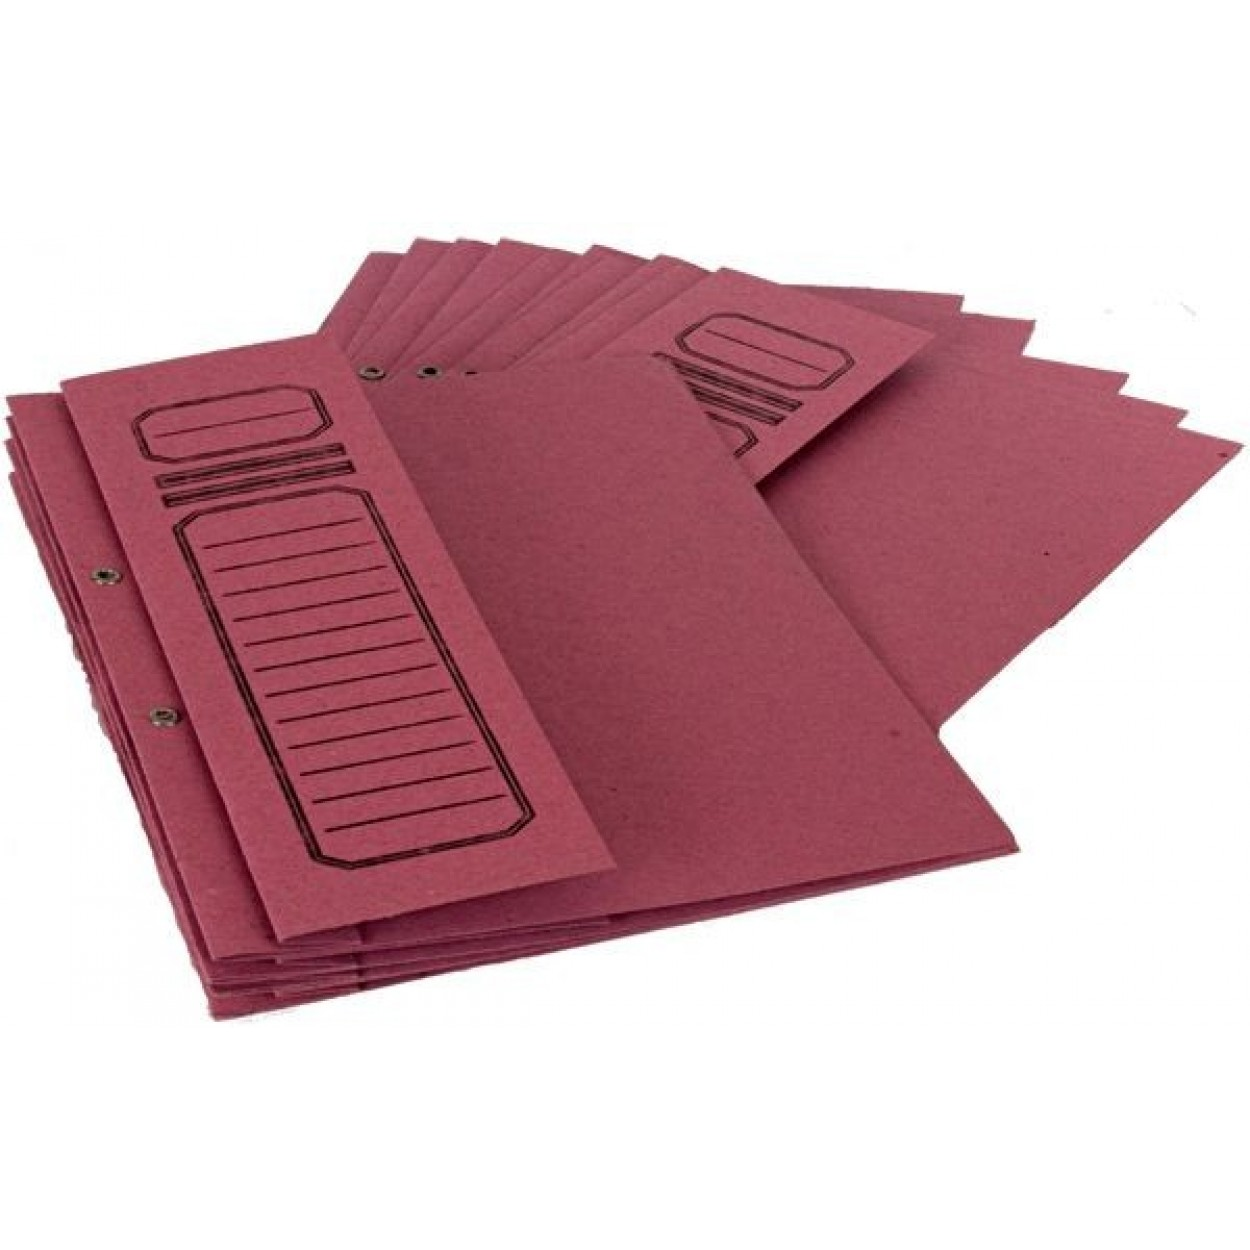 Alemdar Karton Dosya Yarım Kapak A4 50'li Paket